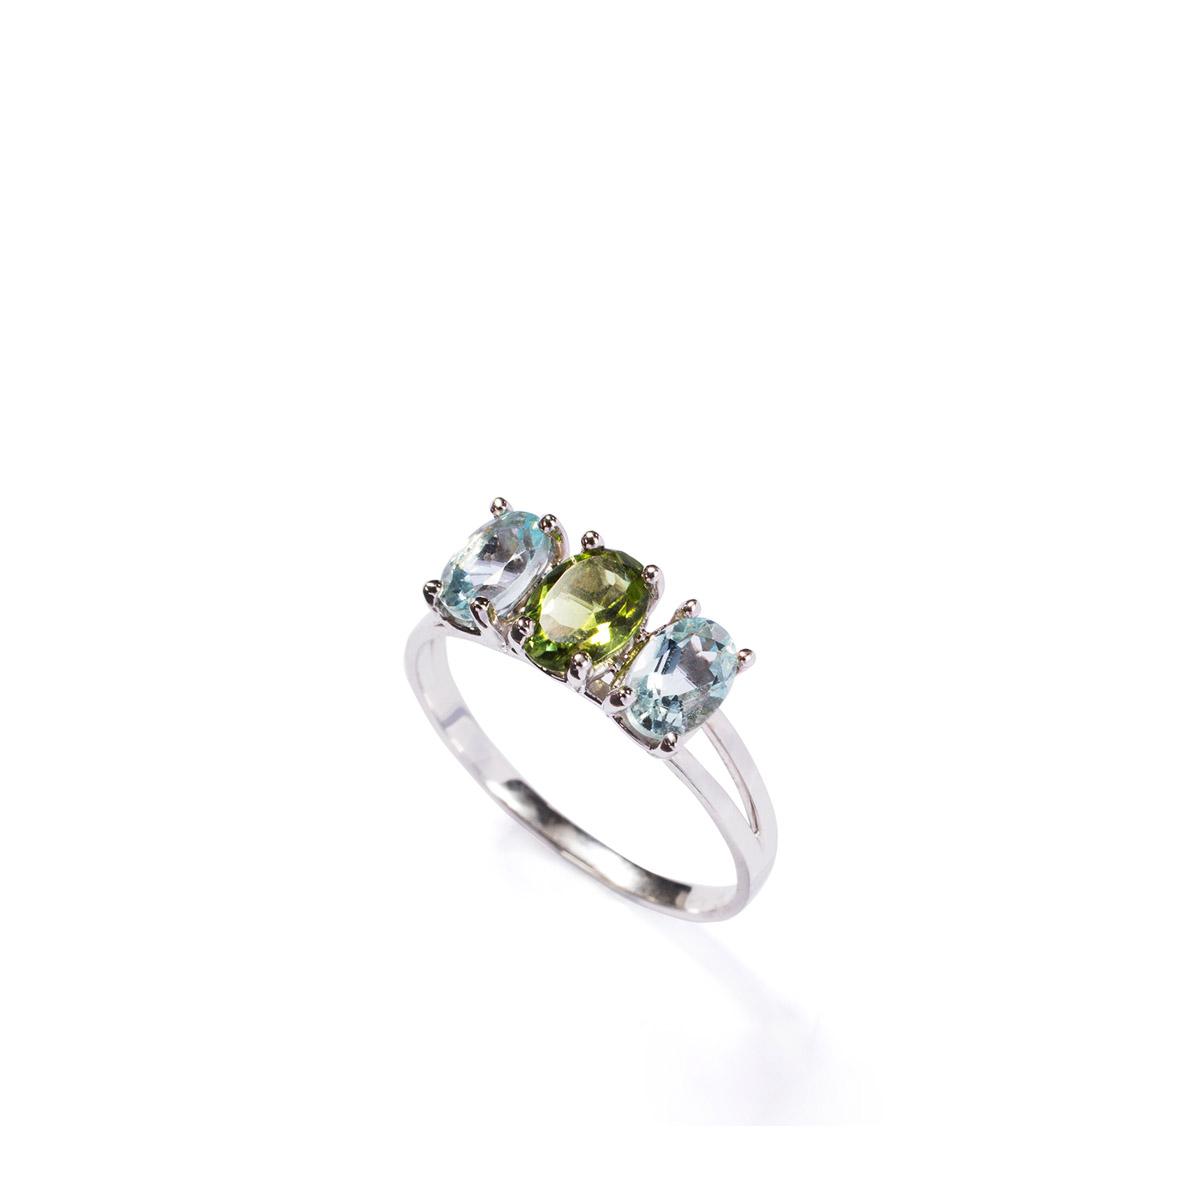 טבעת זהב משובצת אקוואה מרין וטורמלין ירוק